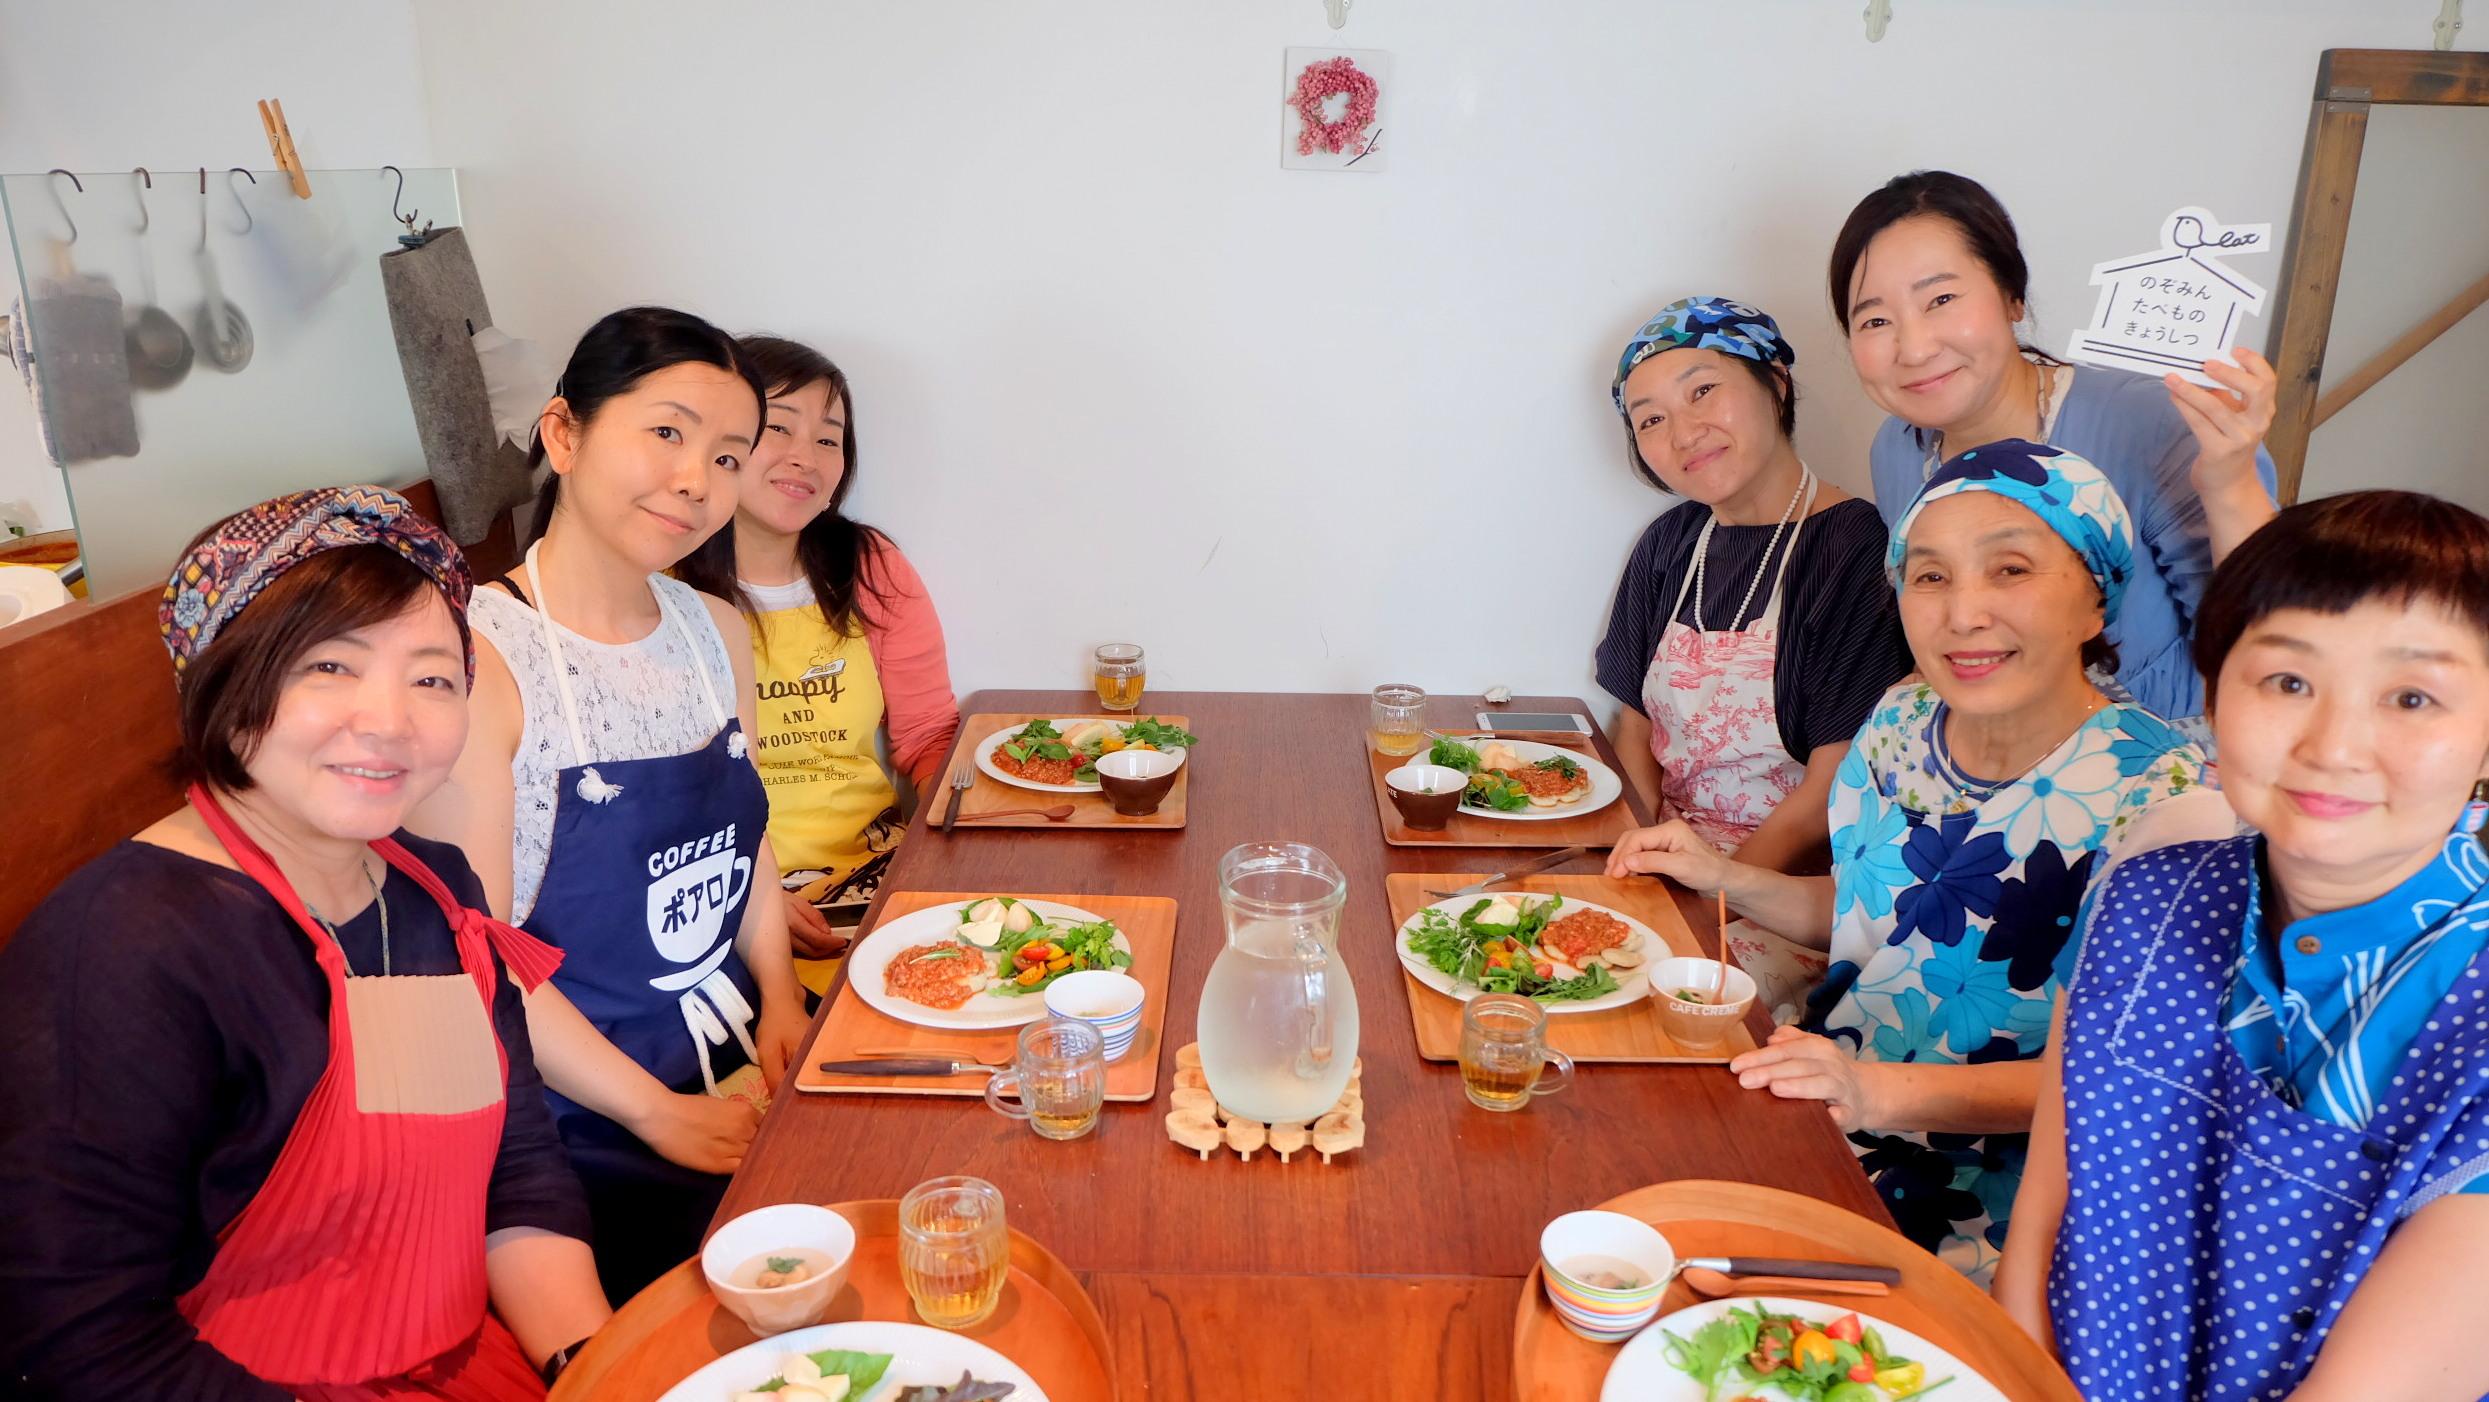 暑い夏こそ食べて欲しい! 8月13日は「発酵deイタリアン」のワークショップでした。